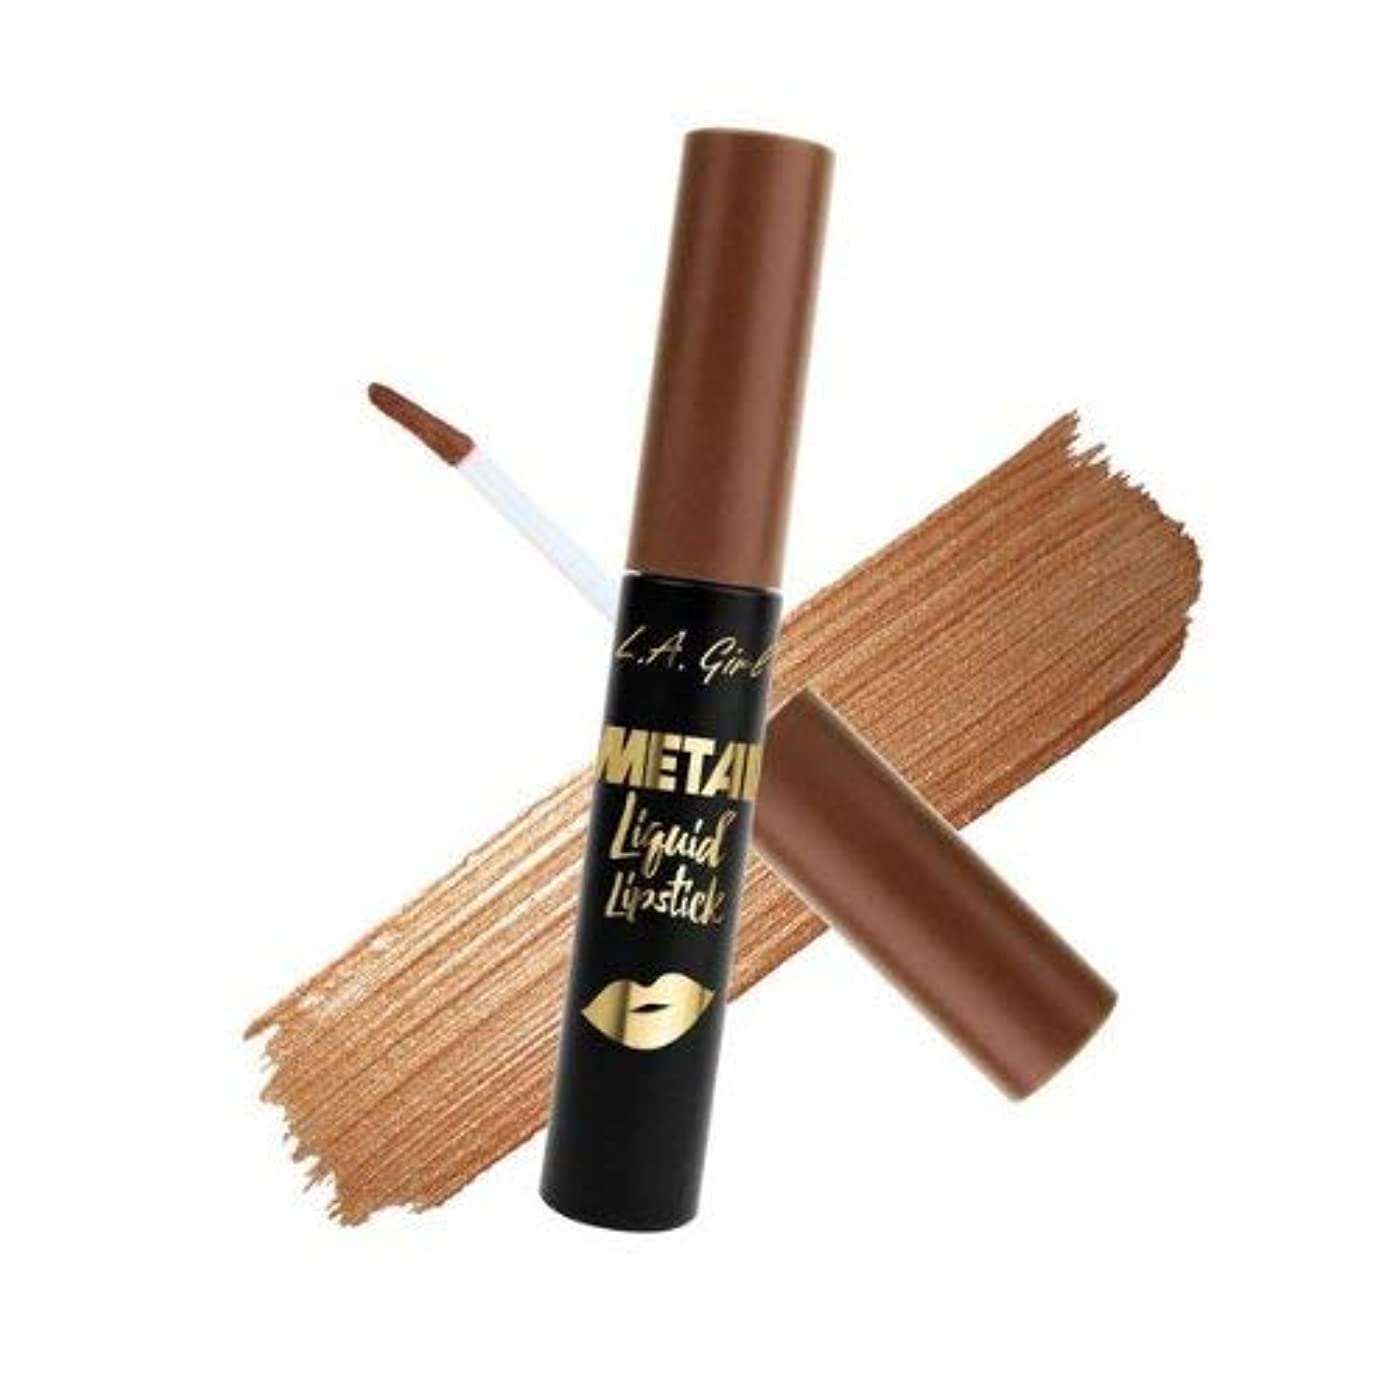 衝撃代数準備するL.A. GIRL Metal Liquid Lipstick - Satin Gold (並行輸入品)